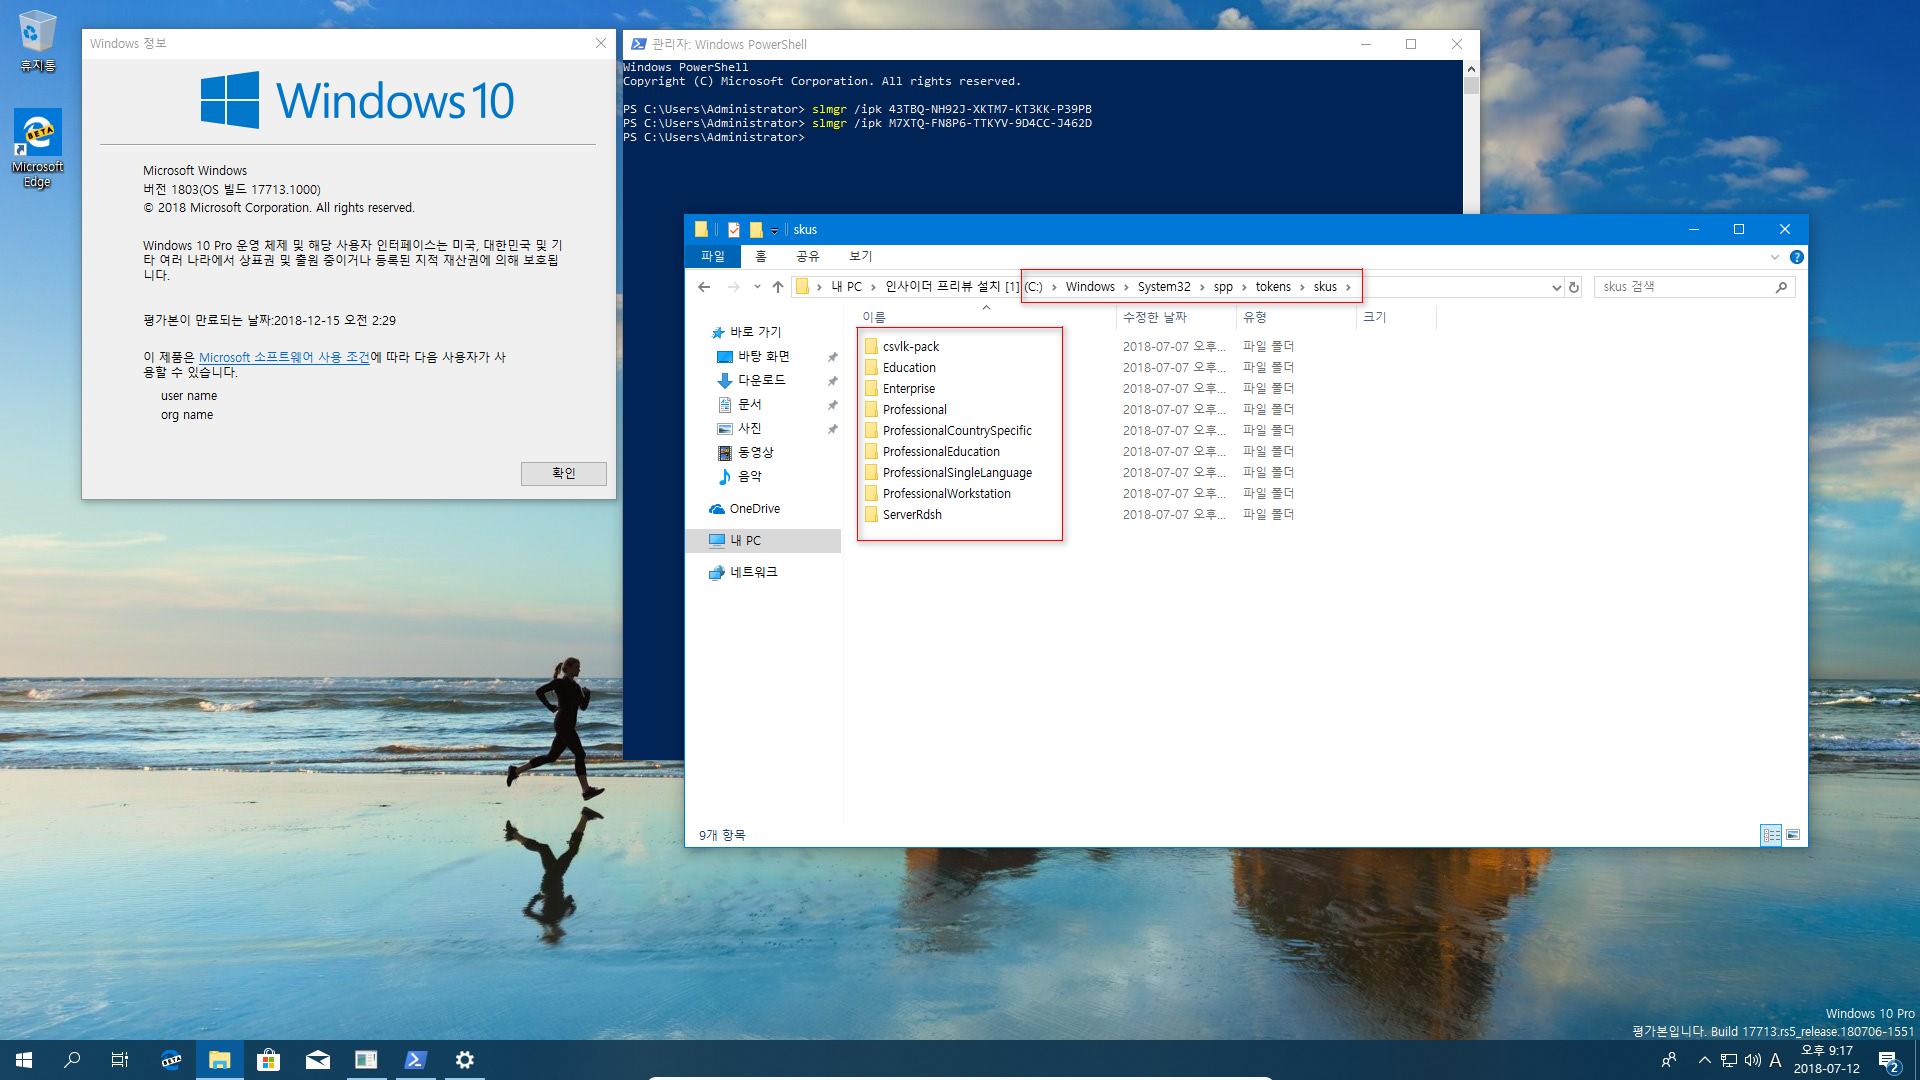 윈도10 레드스톤5 인사이더 프리뷰 17713.1000 빌드 나왔네요 - LTSB 일부 파일이 보여서 LTSB로 에디션 변경 테스트 해봅니다 - LTSB는 아직 준비가 안 된 듯 합니다 2018-07-12_211717.png